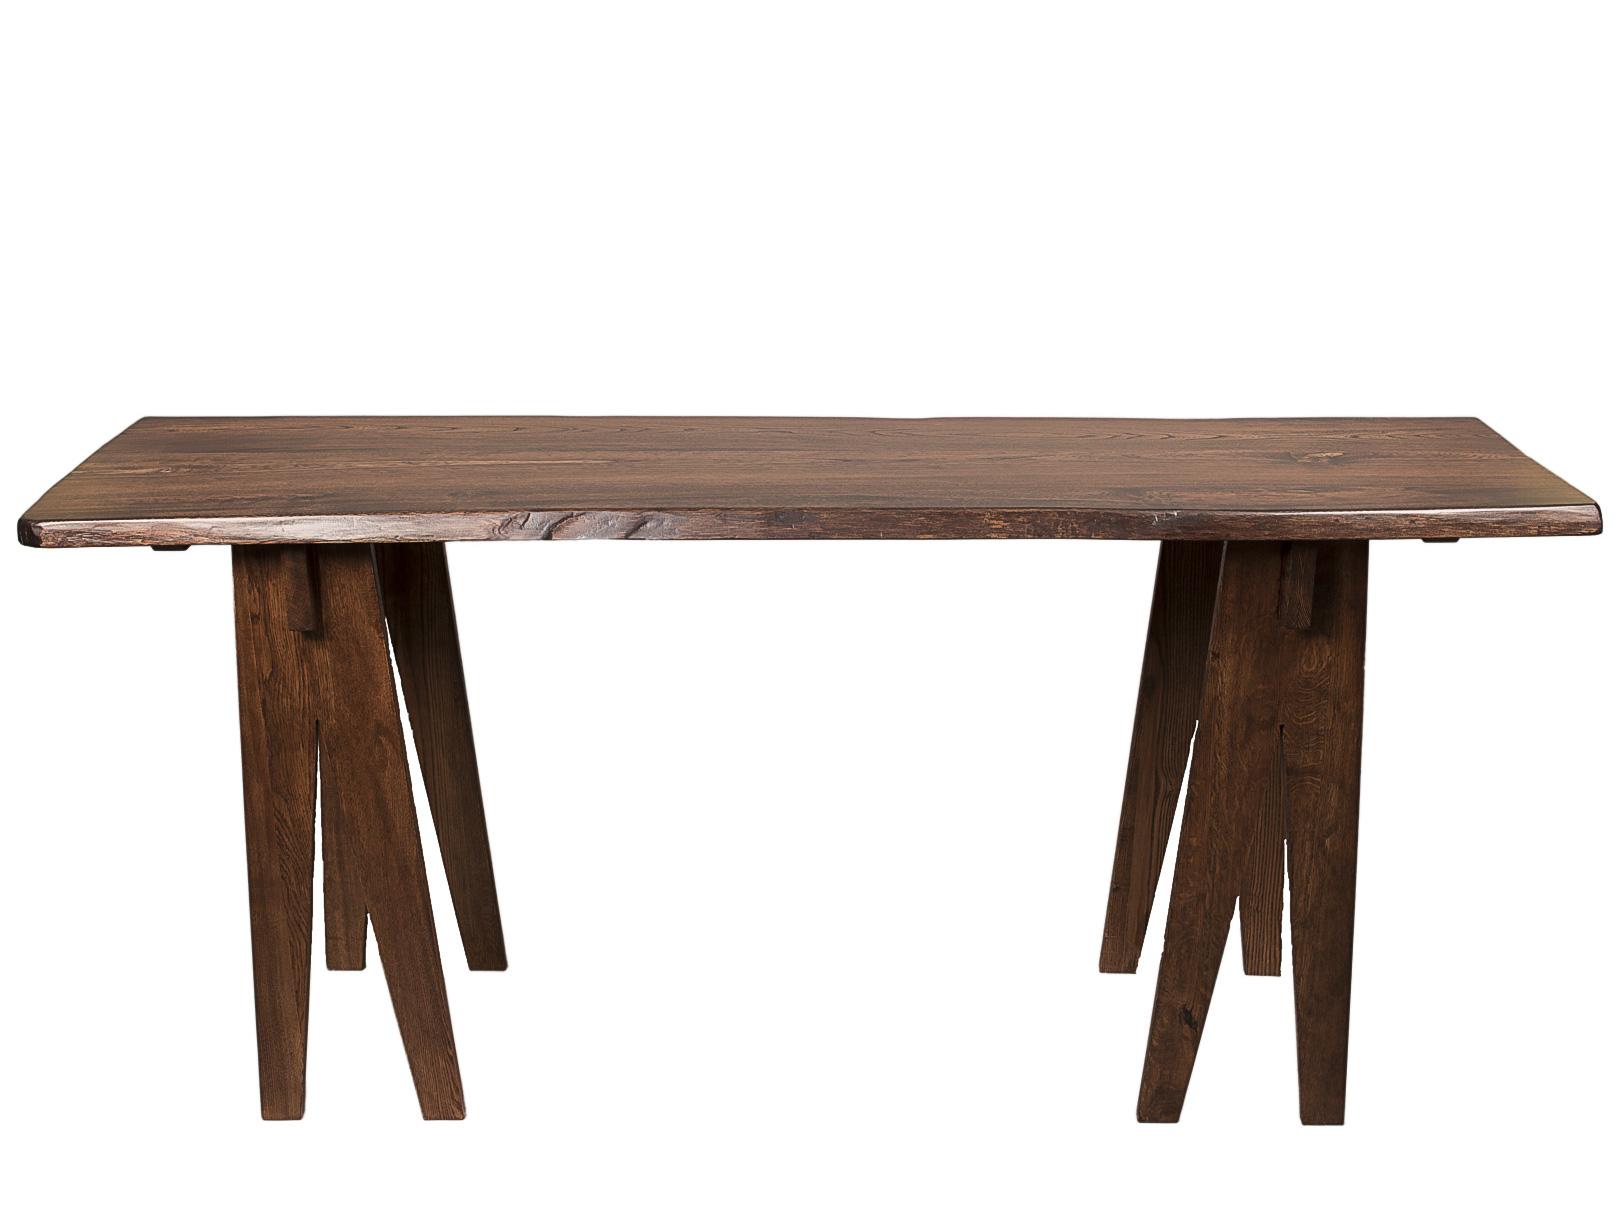 СтолешницаЖурнальные столики<br>Столешница из массива карагача (с его неповторимой текстурой) для кухни, барной стойки или ванной комнаты. Также может стать прекрасным обеденным столом - мы сделаем ножки на ваш вкус (классические 4 по углам столешницы, или любые другие). <br>Трещины в дереве залиты эпоксидной глазурью.<br>Возможно изготовление в других размерах и цвете. <br><br>Поскольку столешница имеет «живой» край, то ширина немного варьируется — плюс-минус 3 см.<br><br>Поставляется в готовом виде — сборка не требуется.<br><br>Material: Дерево<br>Ширина см: 201